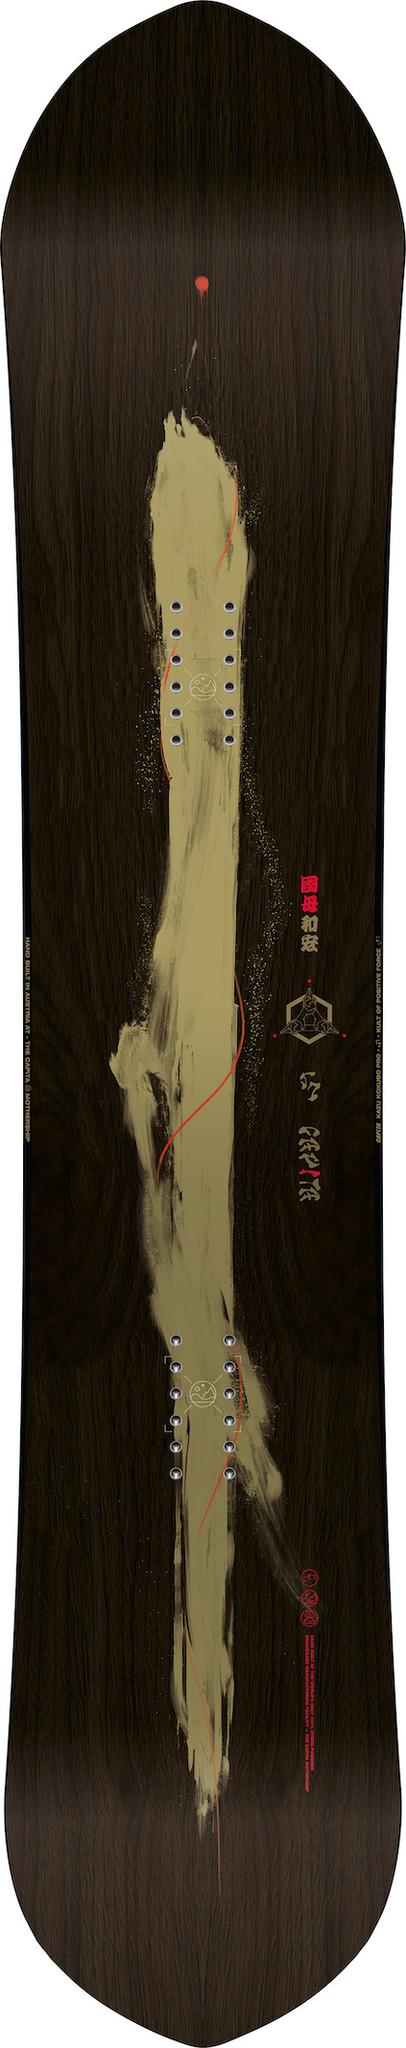 Kazu Kokubo Pro W20-1